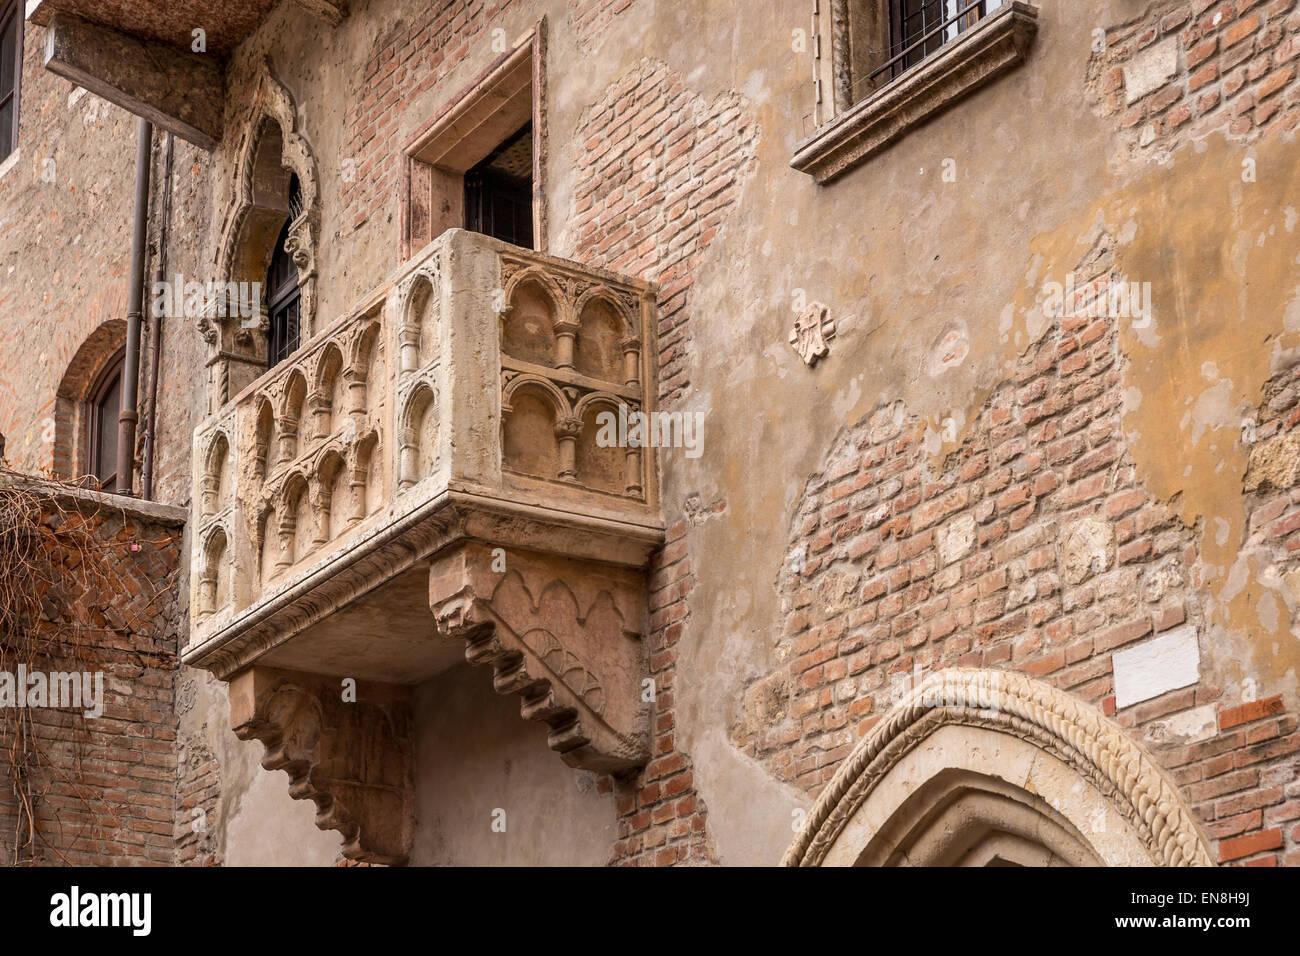 El balcón de Julieta, Verona, Sitio del Patrimonio Mundial de la UNESCO, Veneto, Italia Imagen De Stock